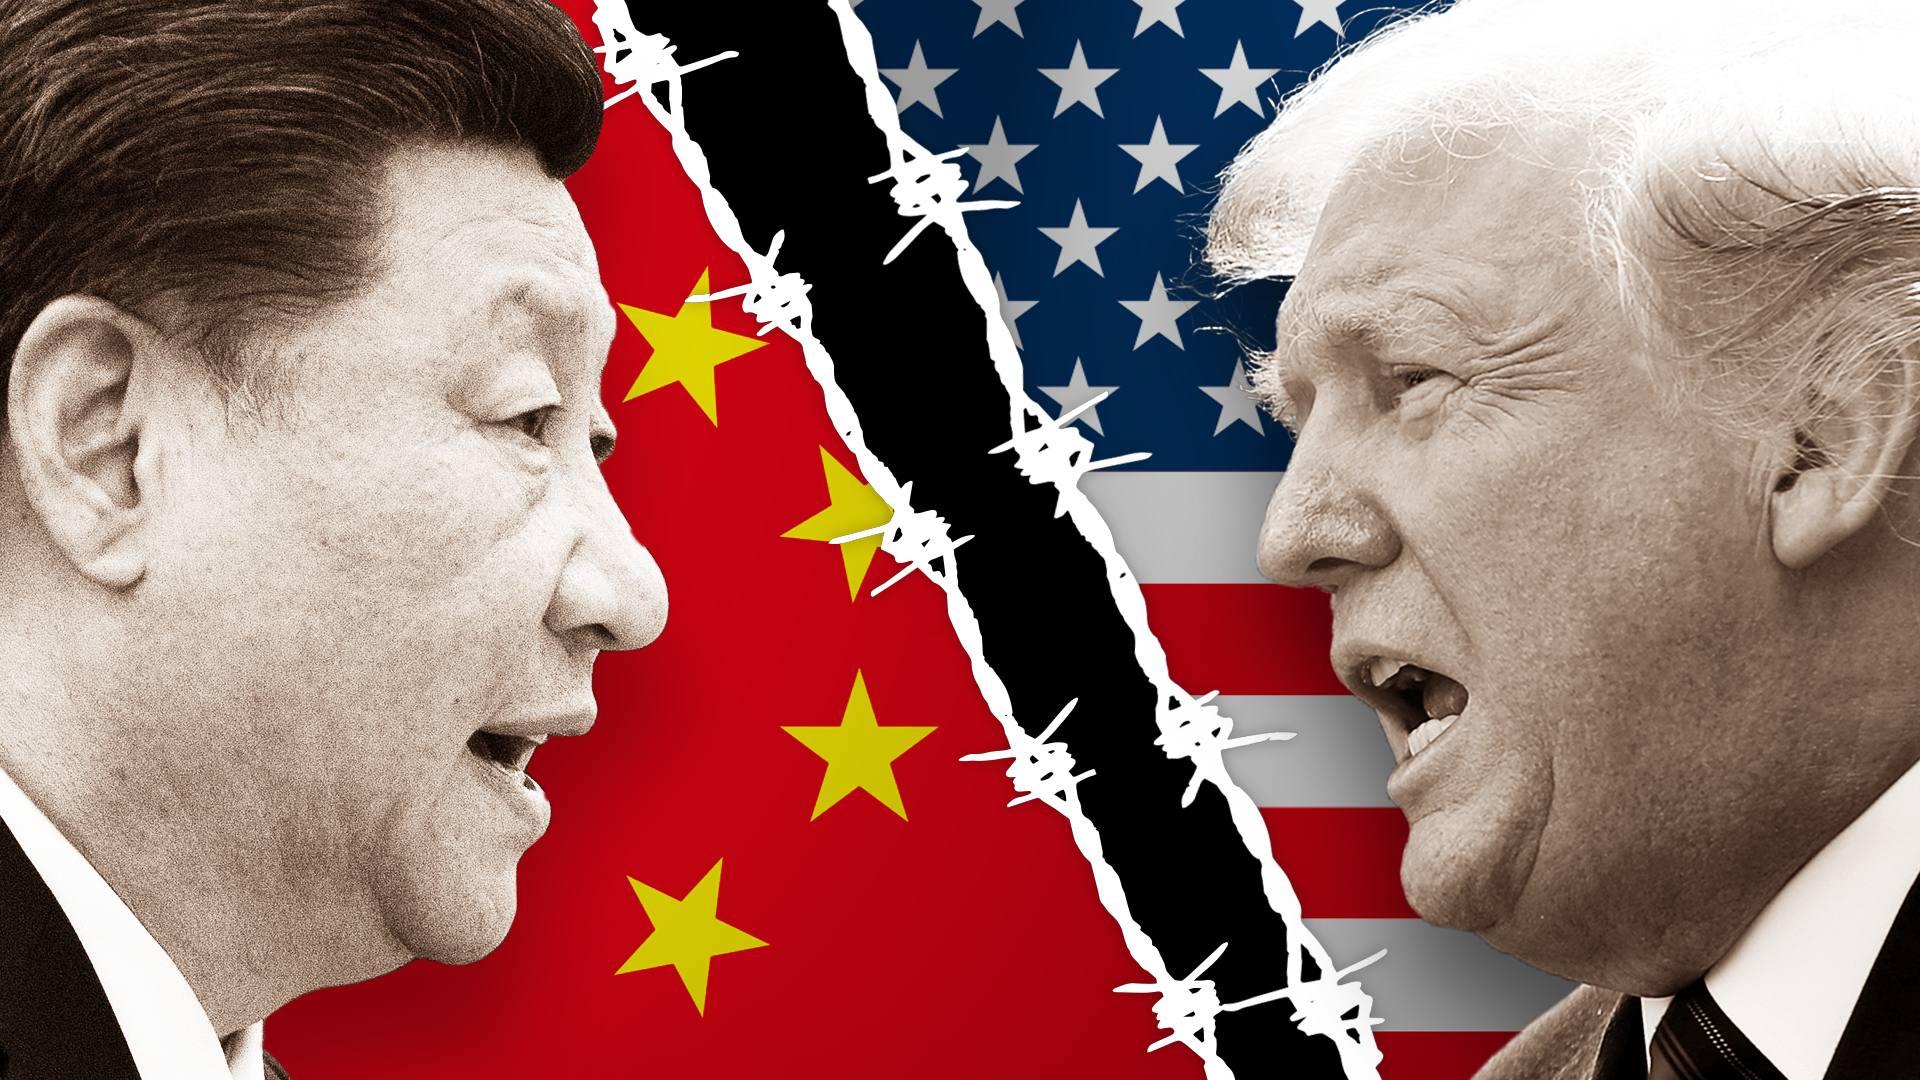 अमेरिकाको ताइवान भ्रमण र चासोलाई बन्द गर्न चीनको चेतावनी